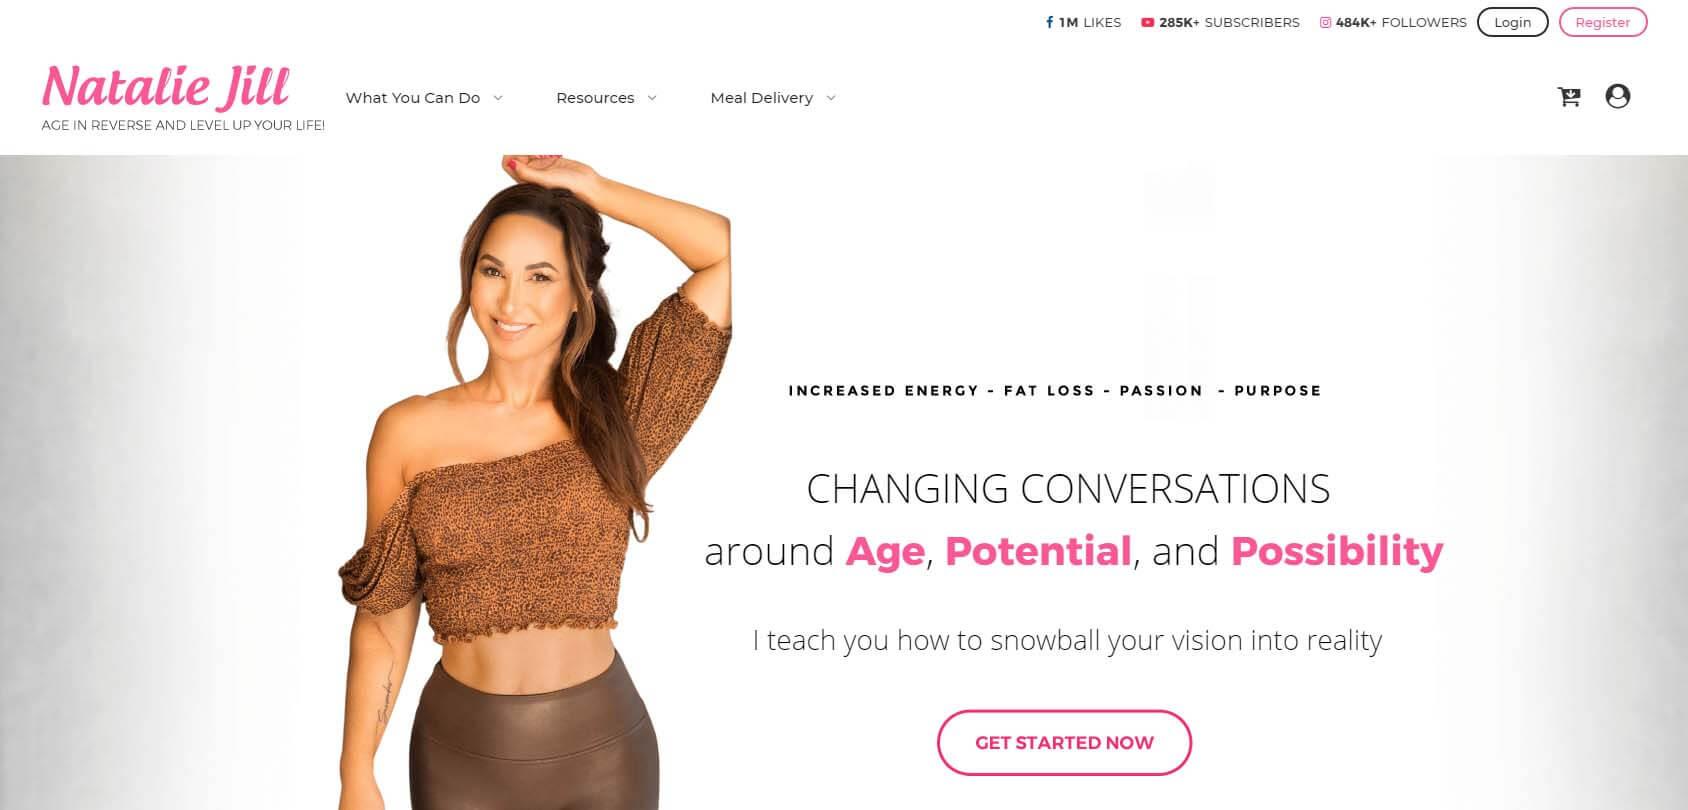 Natalie Jill Homepage